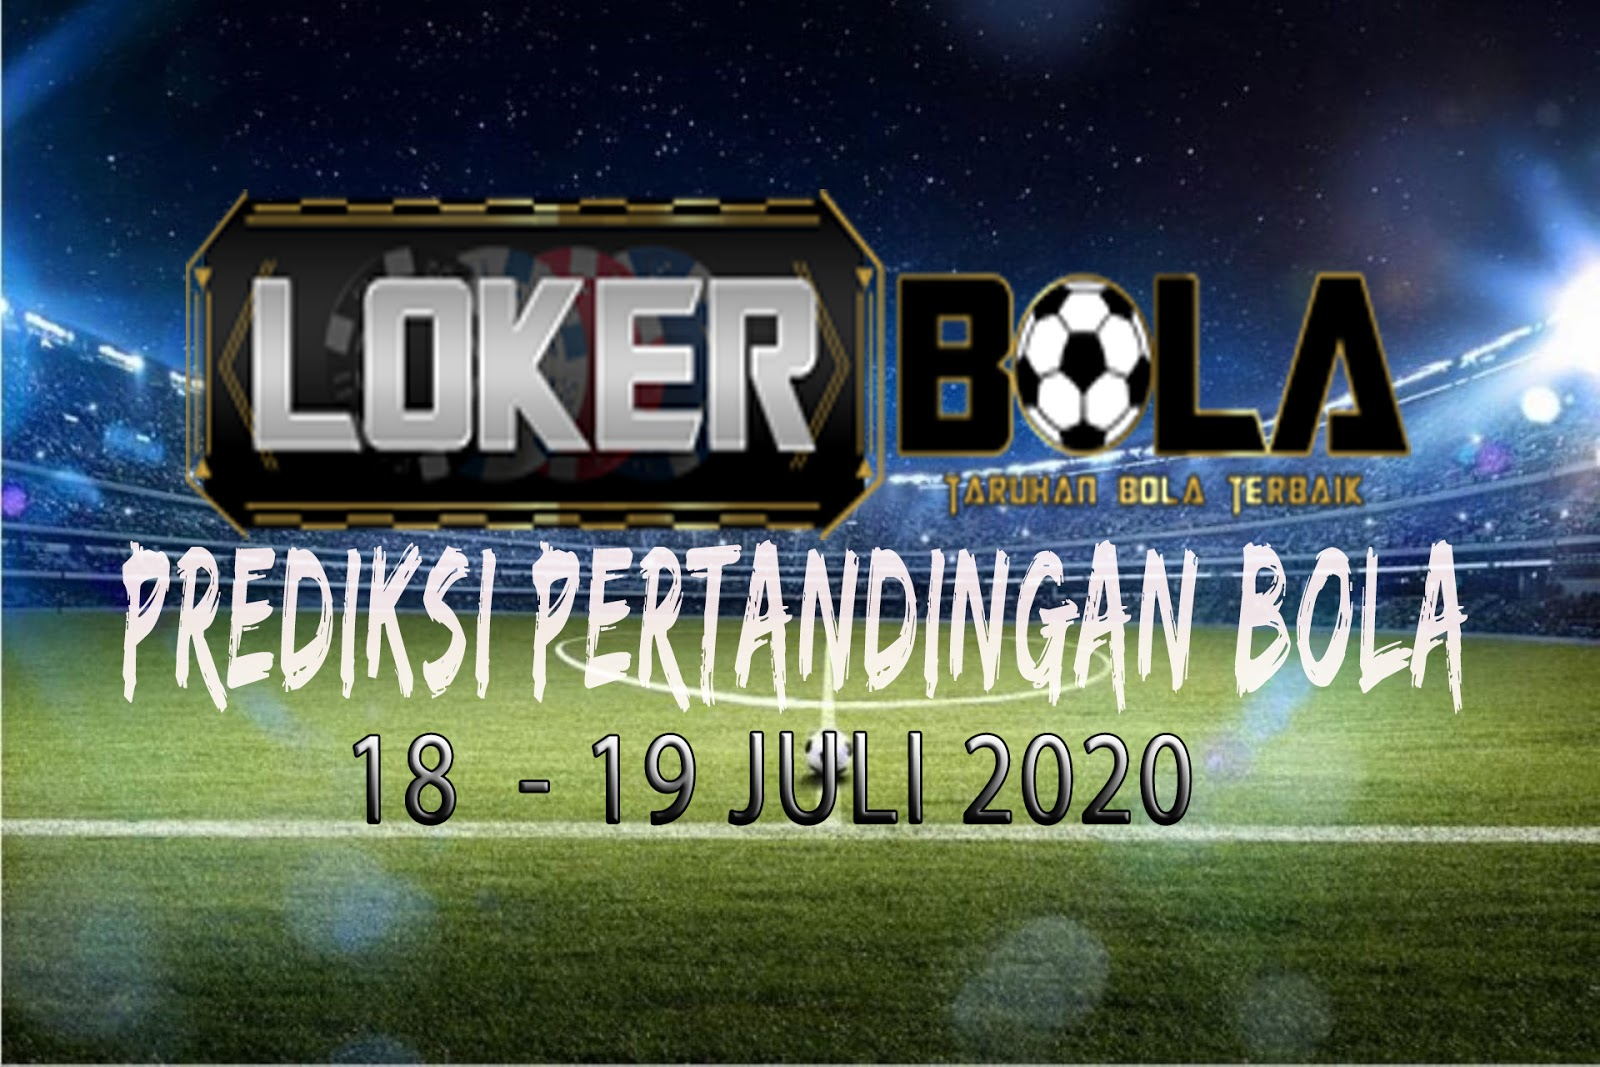 PREDIKSI PERTANDINGAN BOLA 18 – 19 JULI 2020